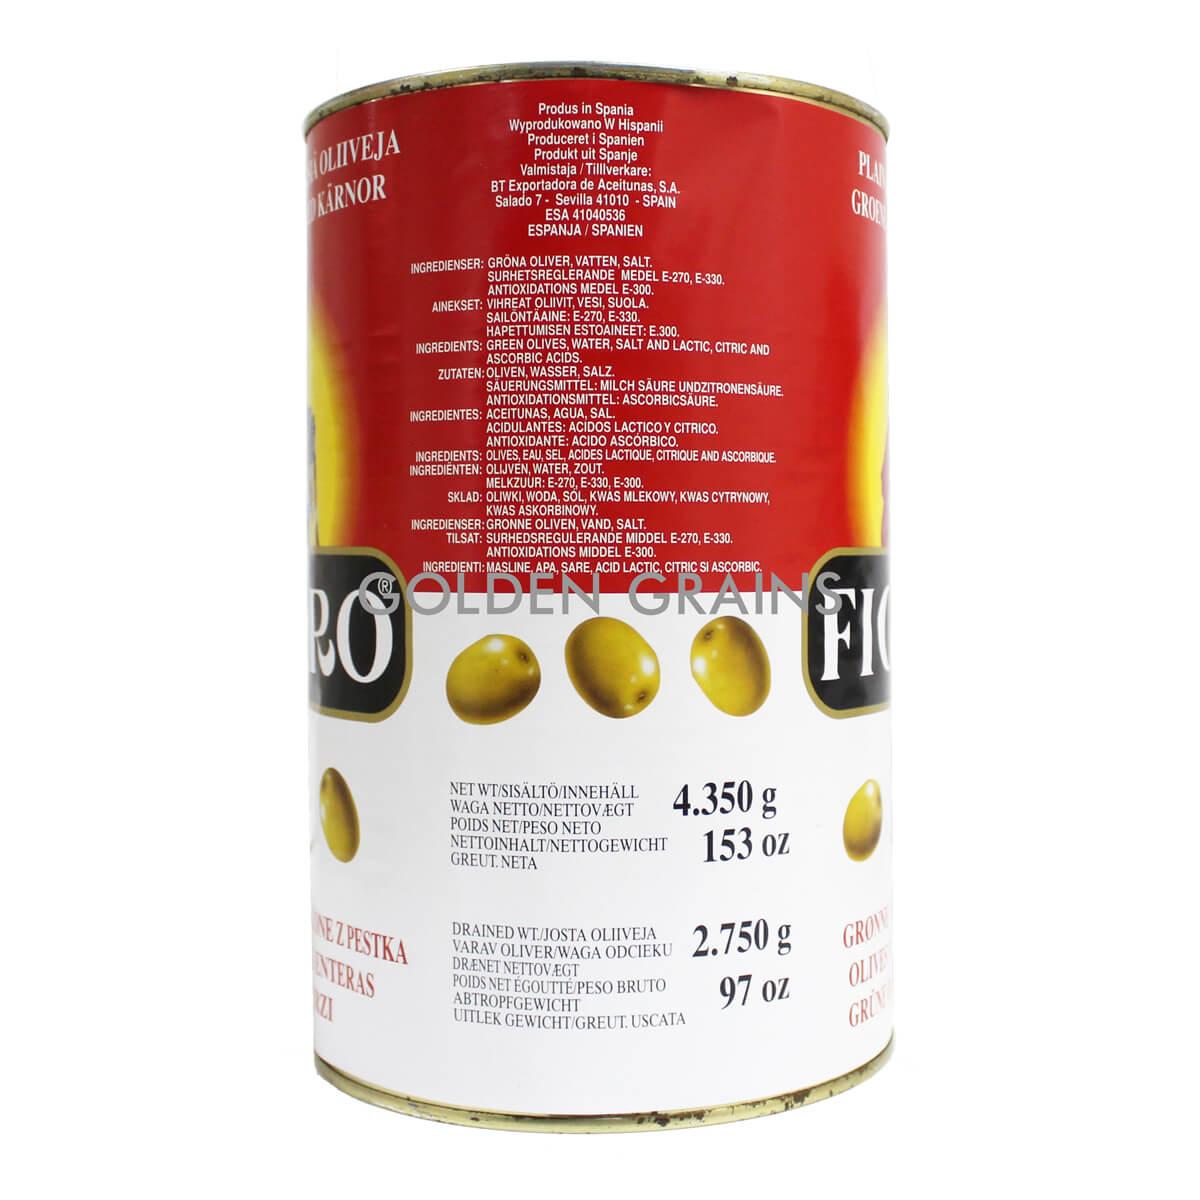 Golden Grains Figaro - Green Olives - Back.jpg